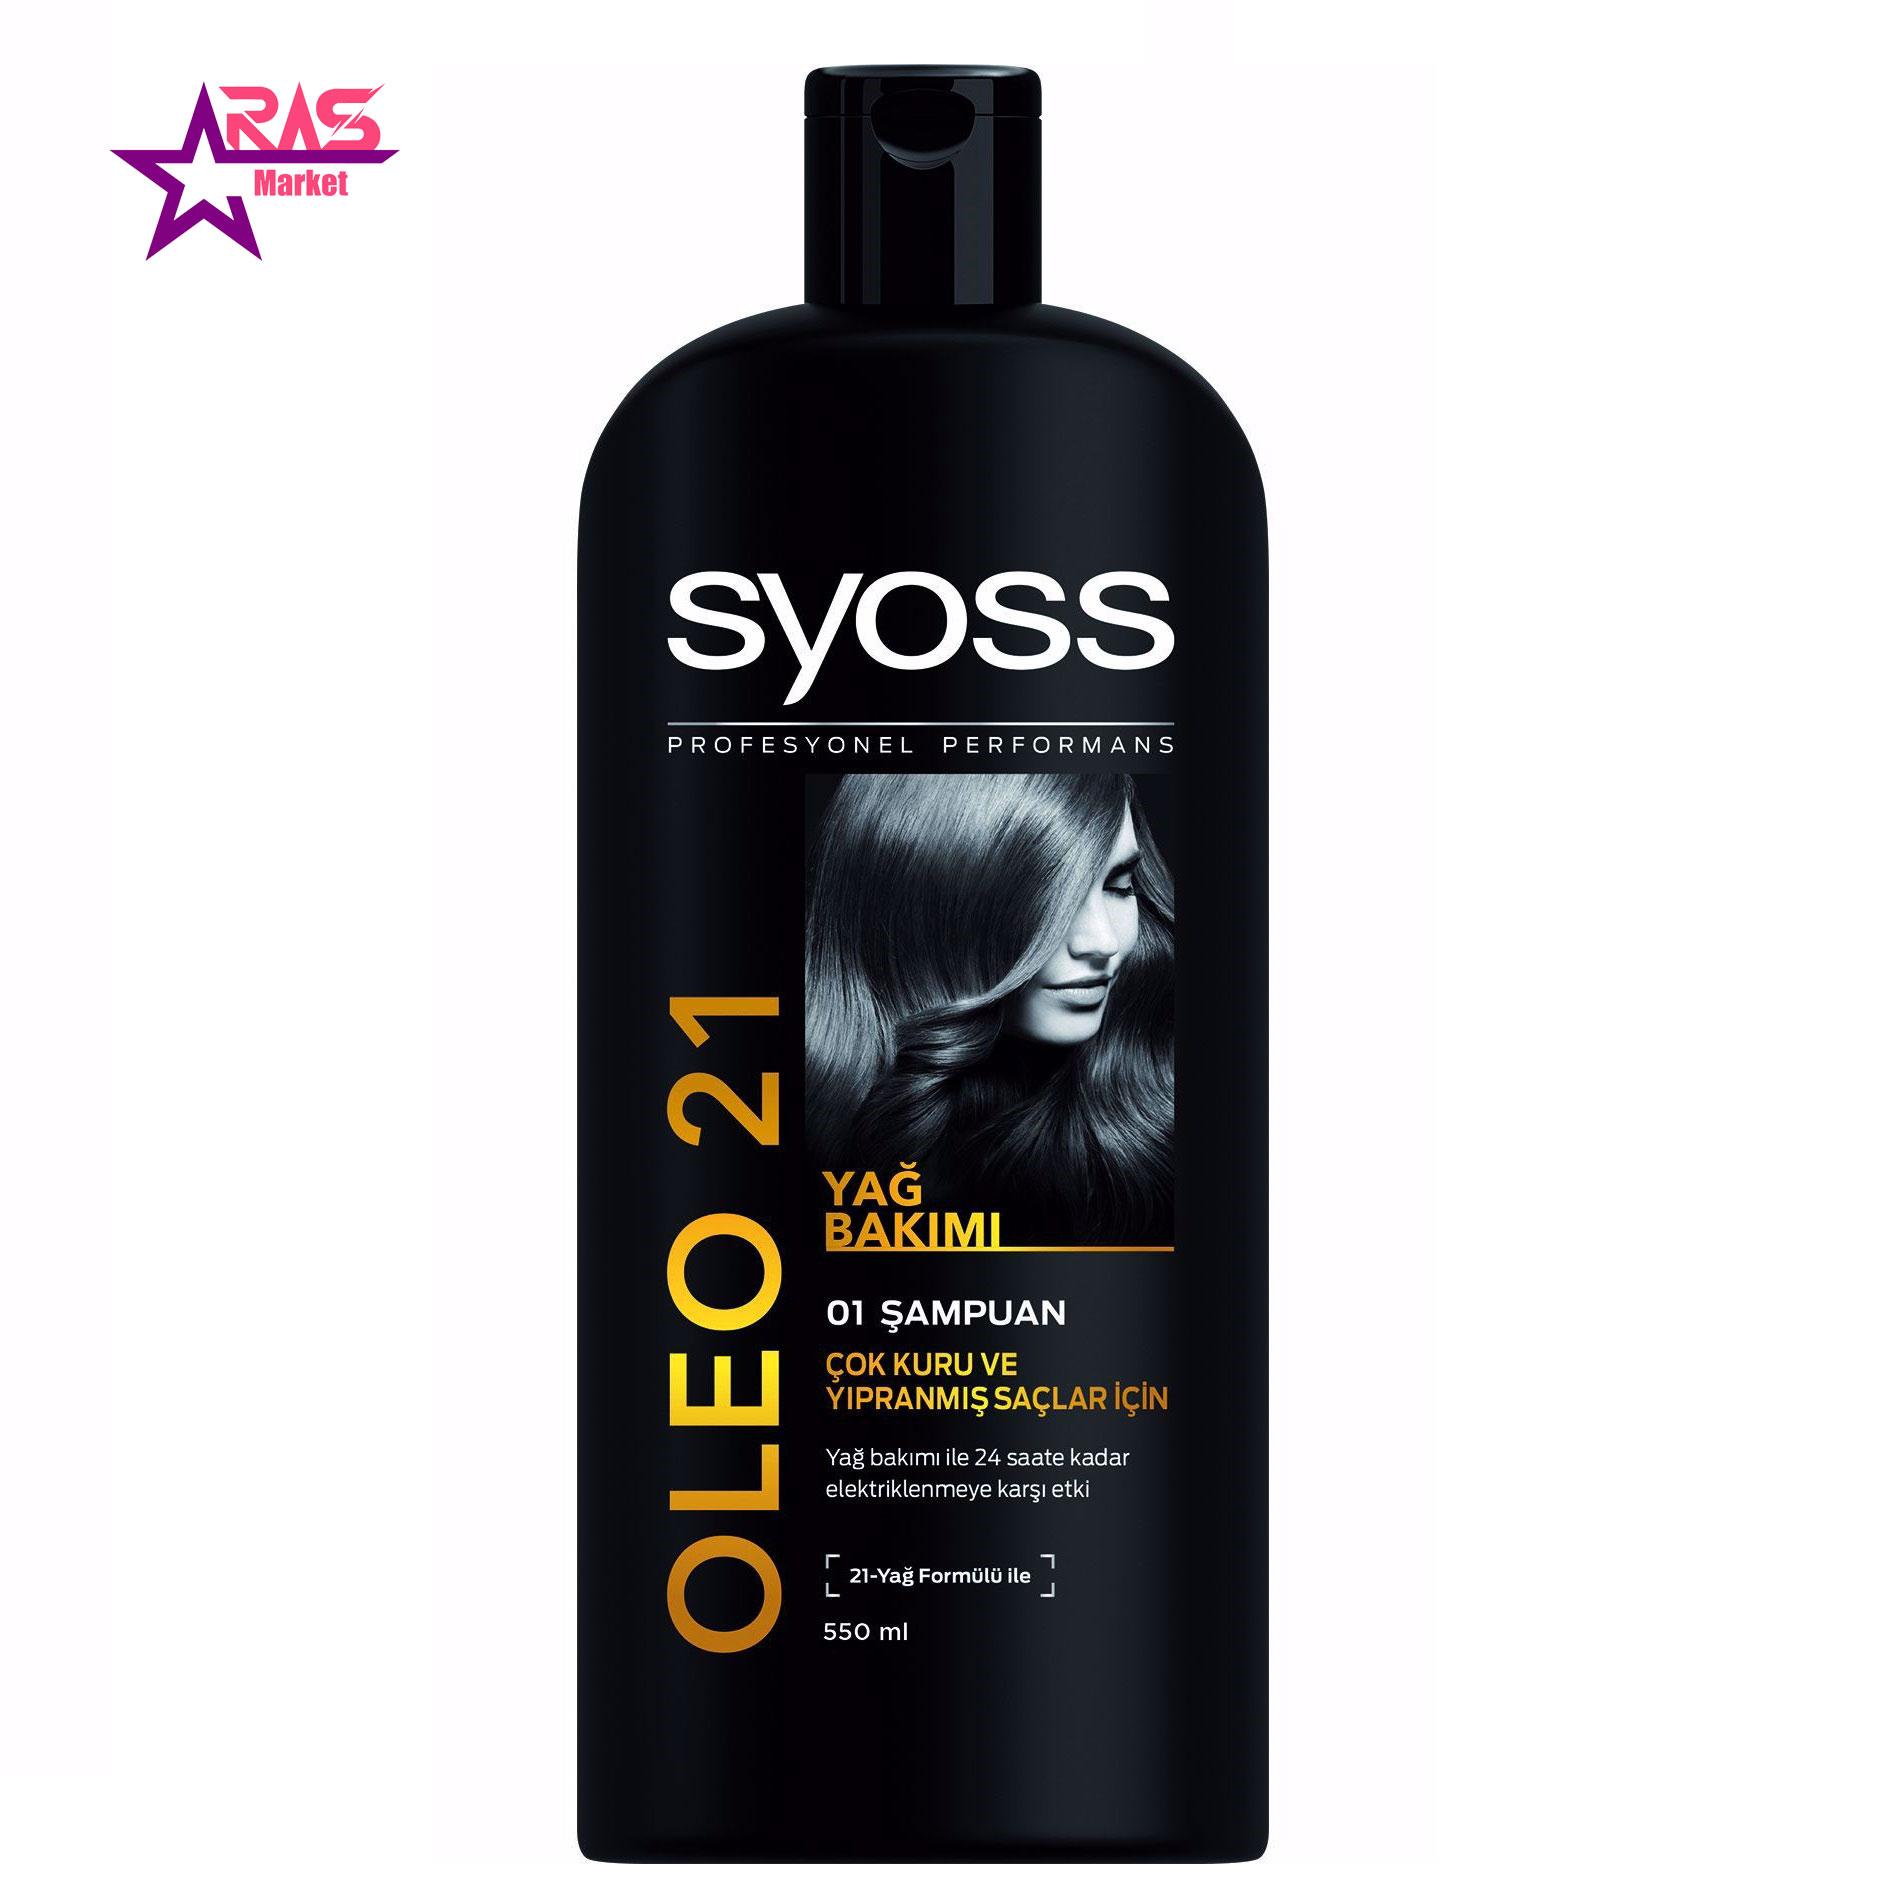 شامپو سایوس مخصوص موهای خشک و آسیب دیده مدل OLEO 21 حجم 550 میلی لیتر ، فروشگاه اینترنتی ارس مارکت ، شامپو مو